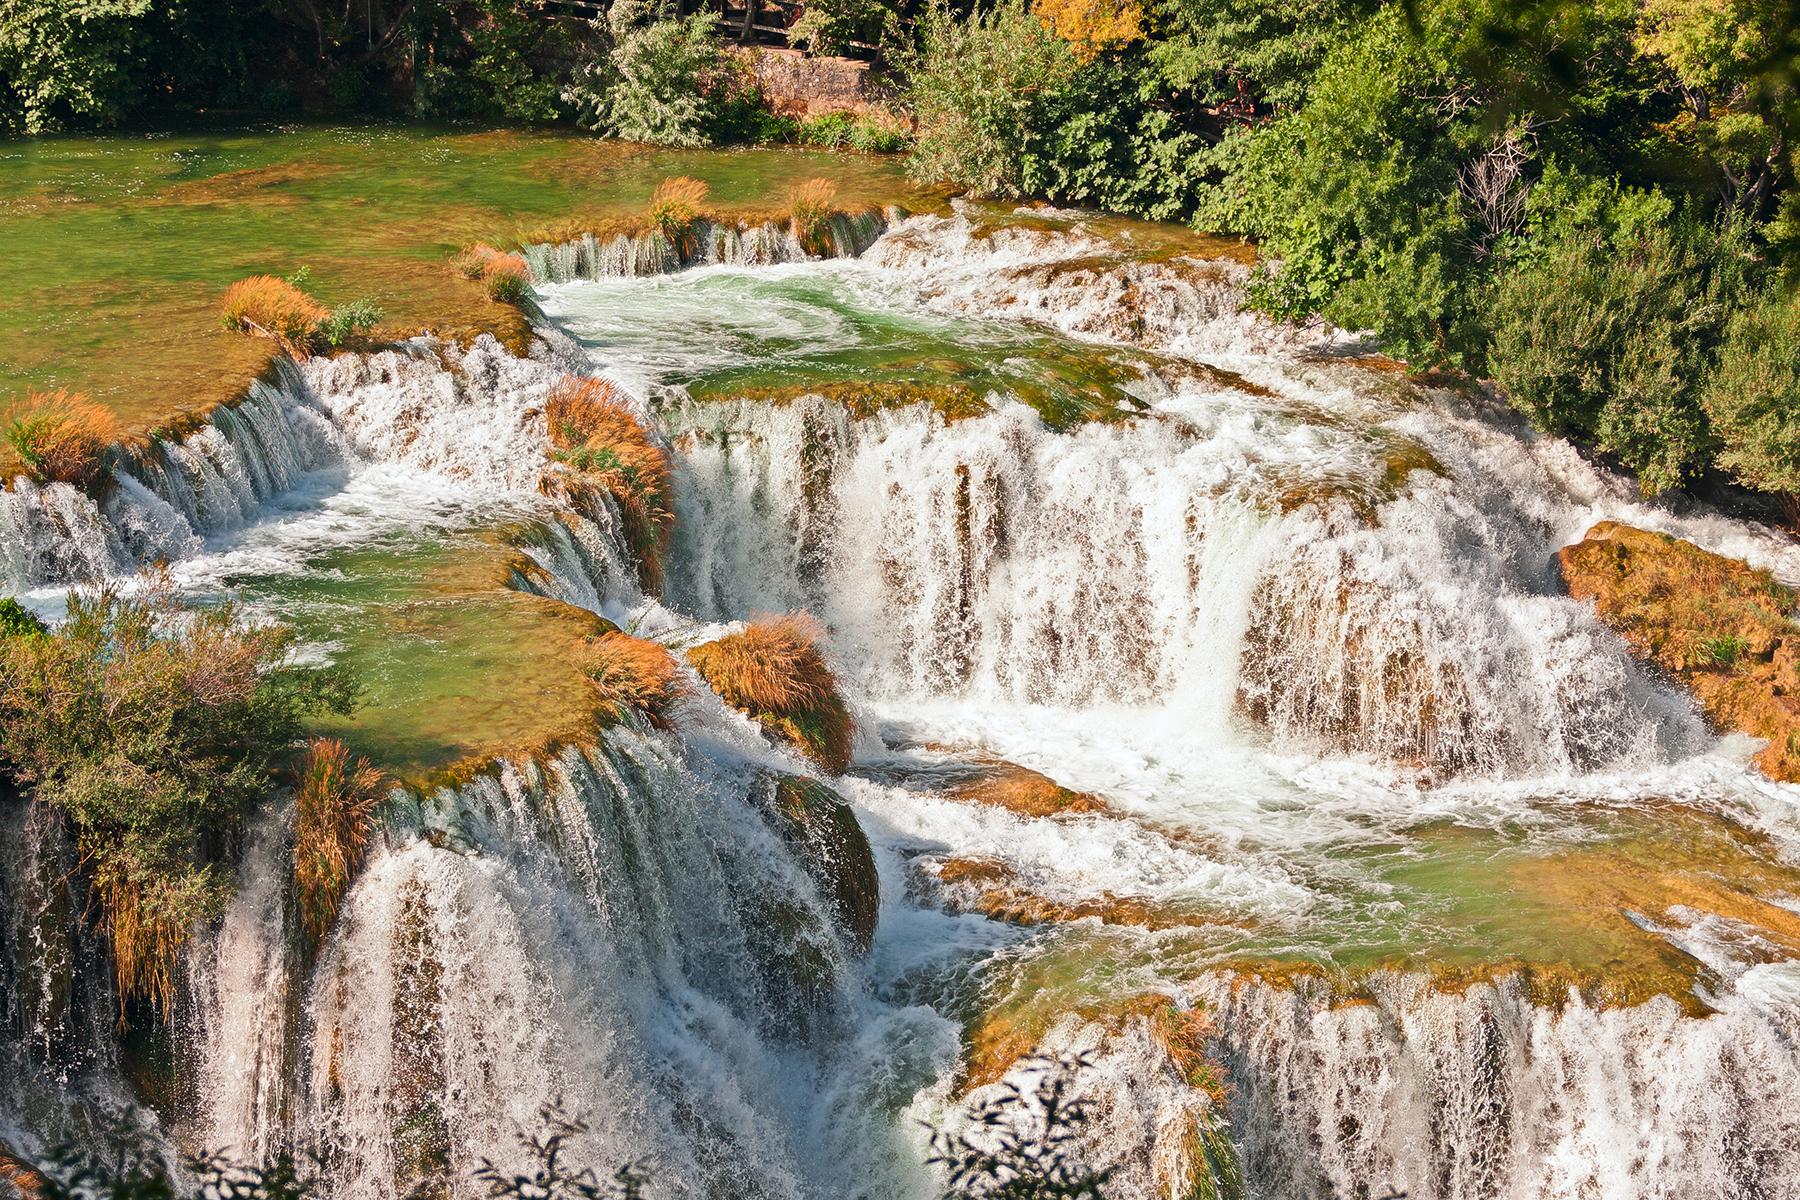 Watefall at Krka National Park view